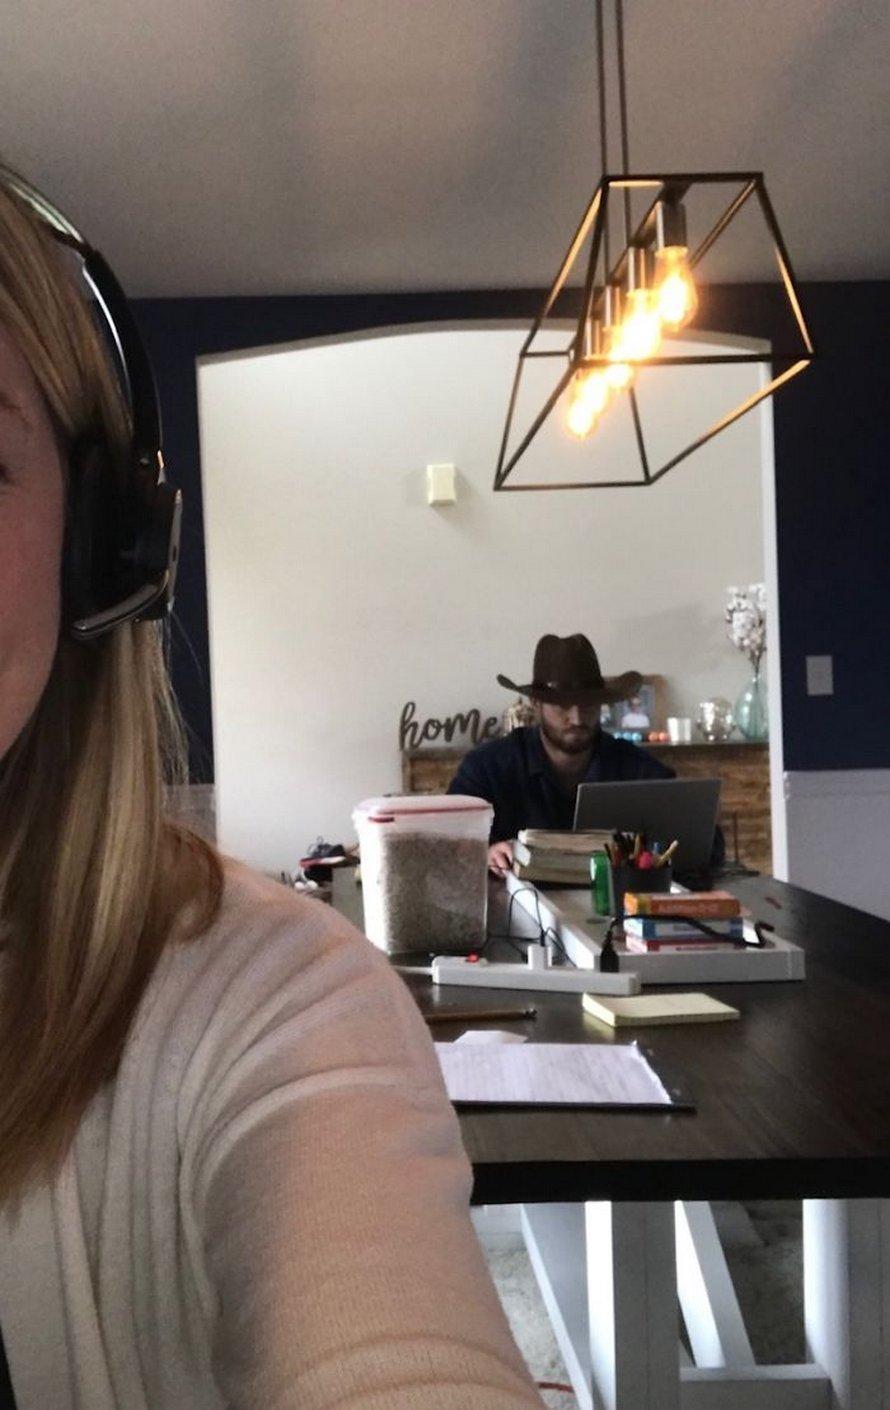 Un mari n'arrête pas d'essayer d'embarrasser sa femme en s'incrustant dans ses appels Zoom de façon hilarante